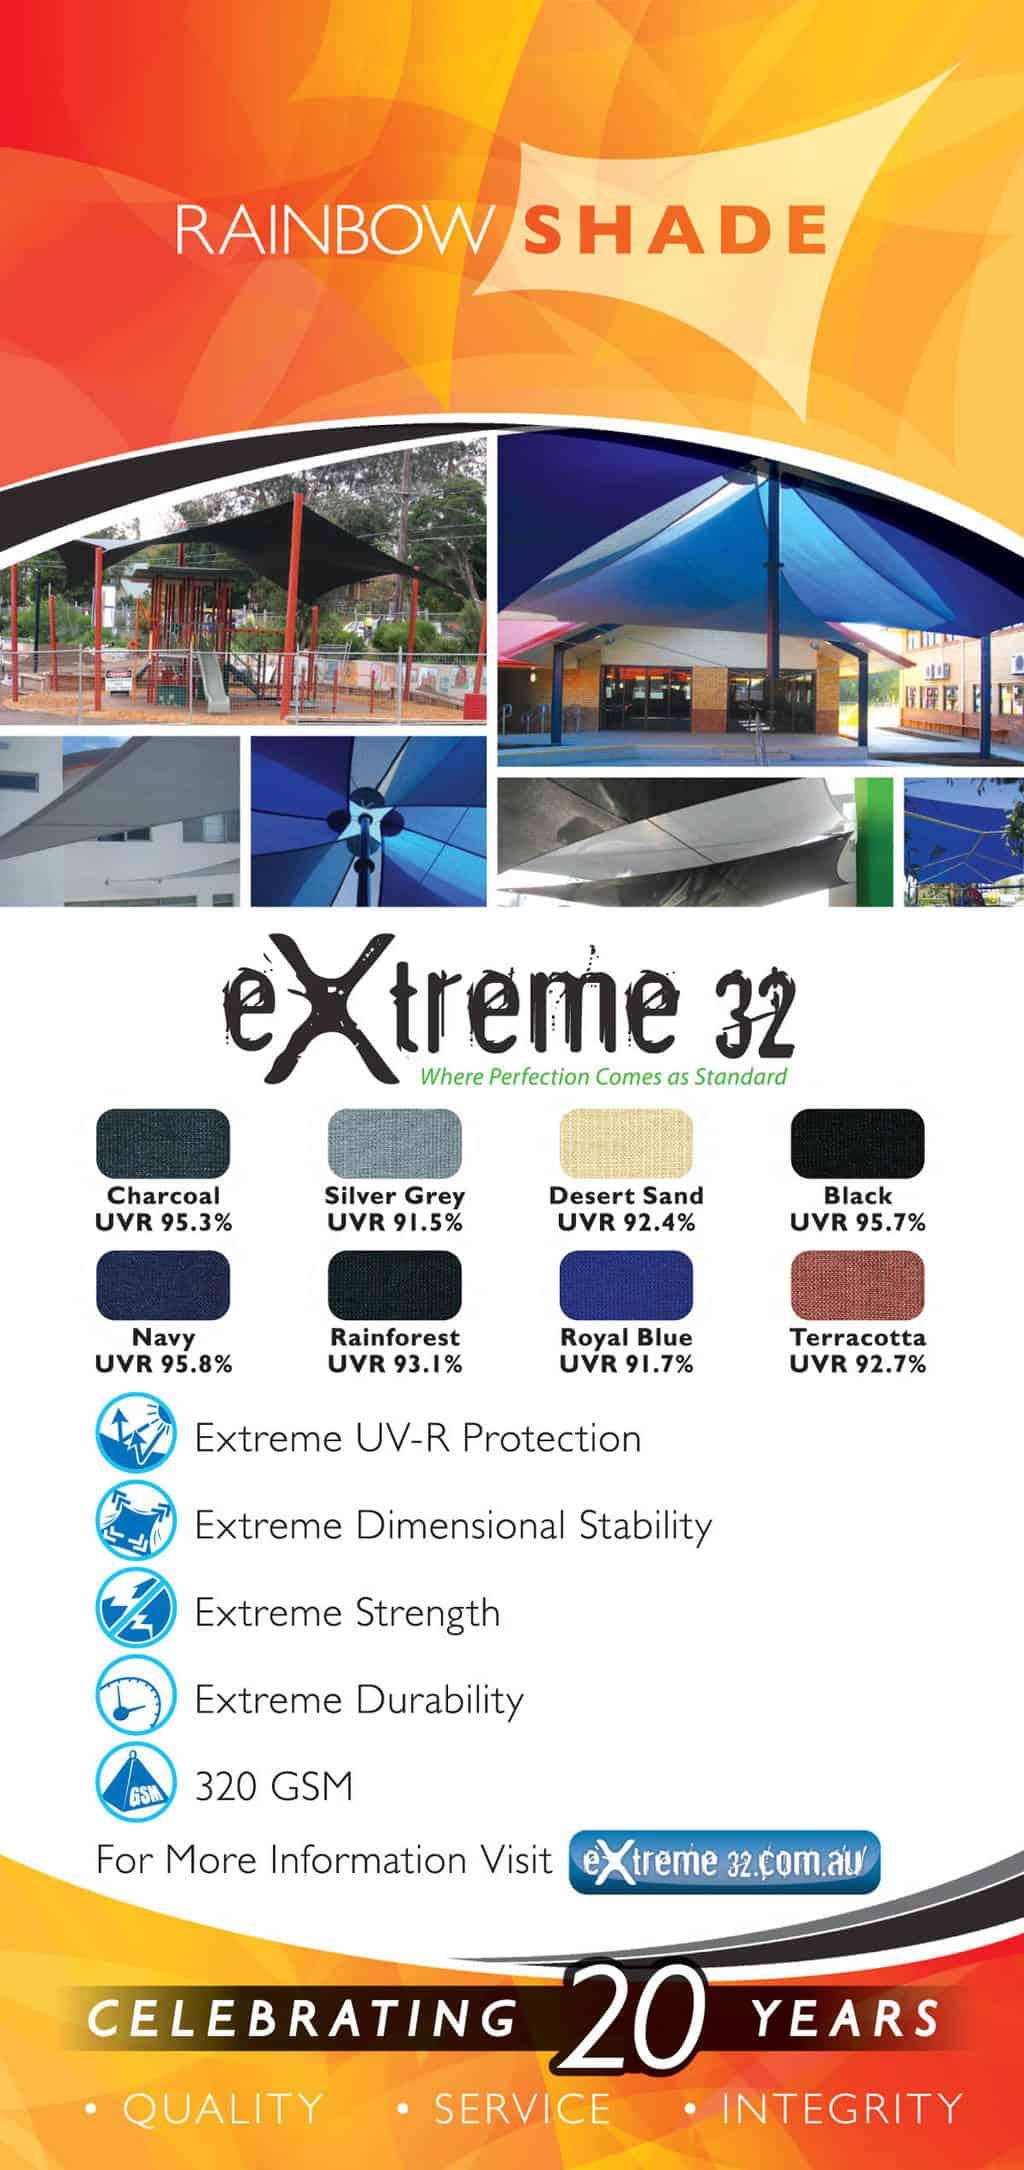 Extreme 32